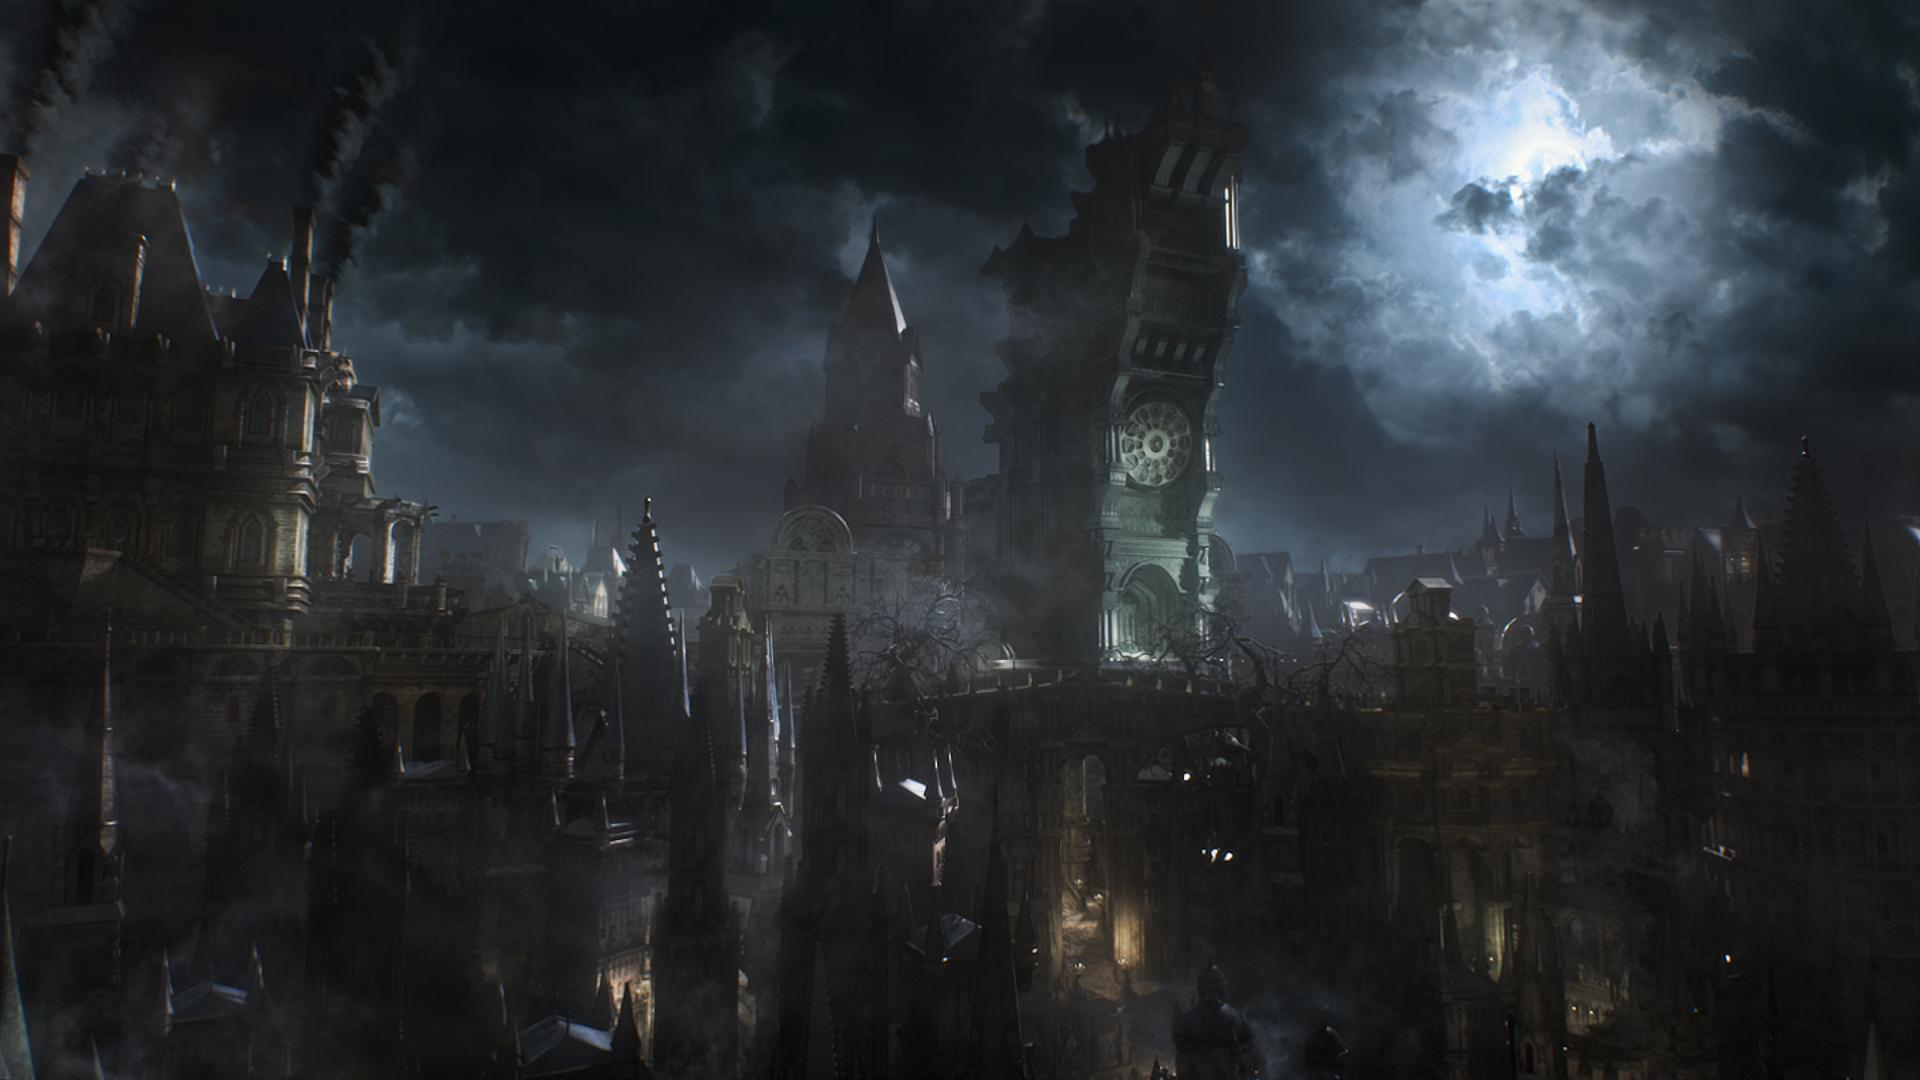 Bloodborne (ブラッドボーン) 神攻略wiki - DLC ...